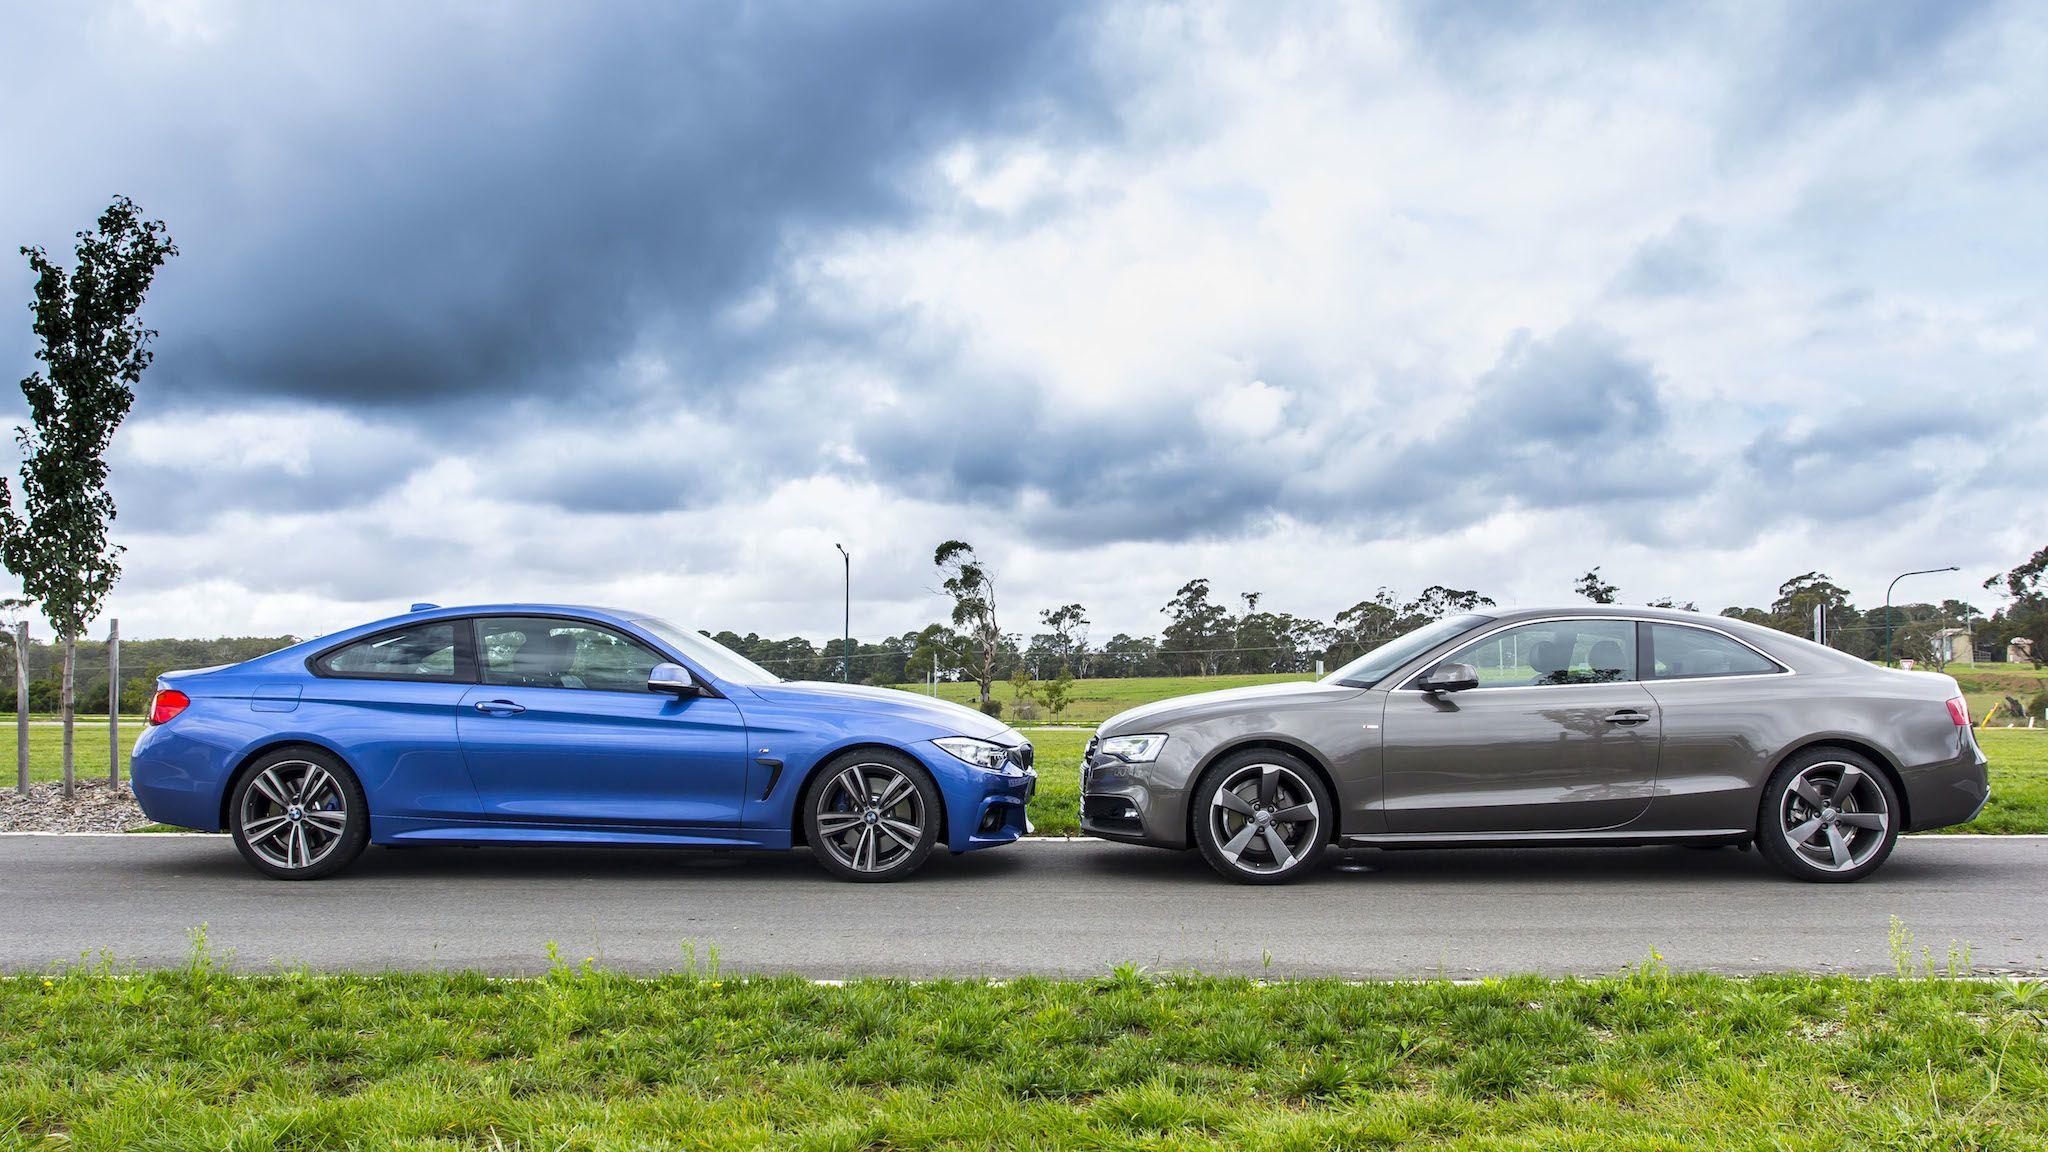 Audi A5 V Bmw 4 Series Comparison Review Photos